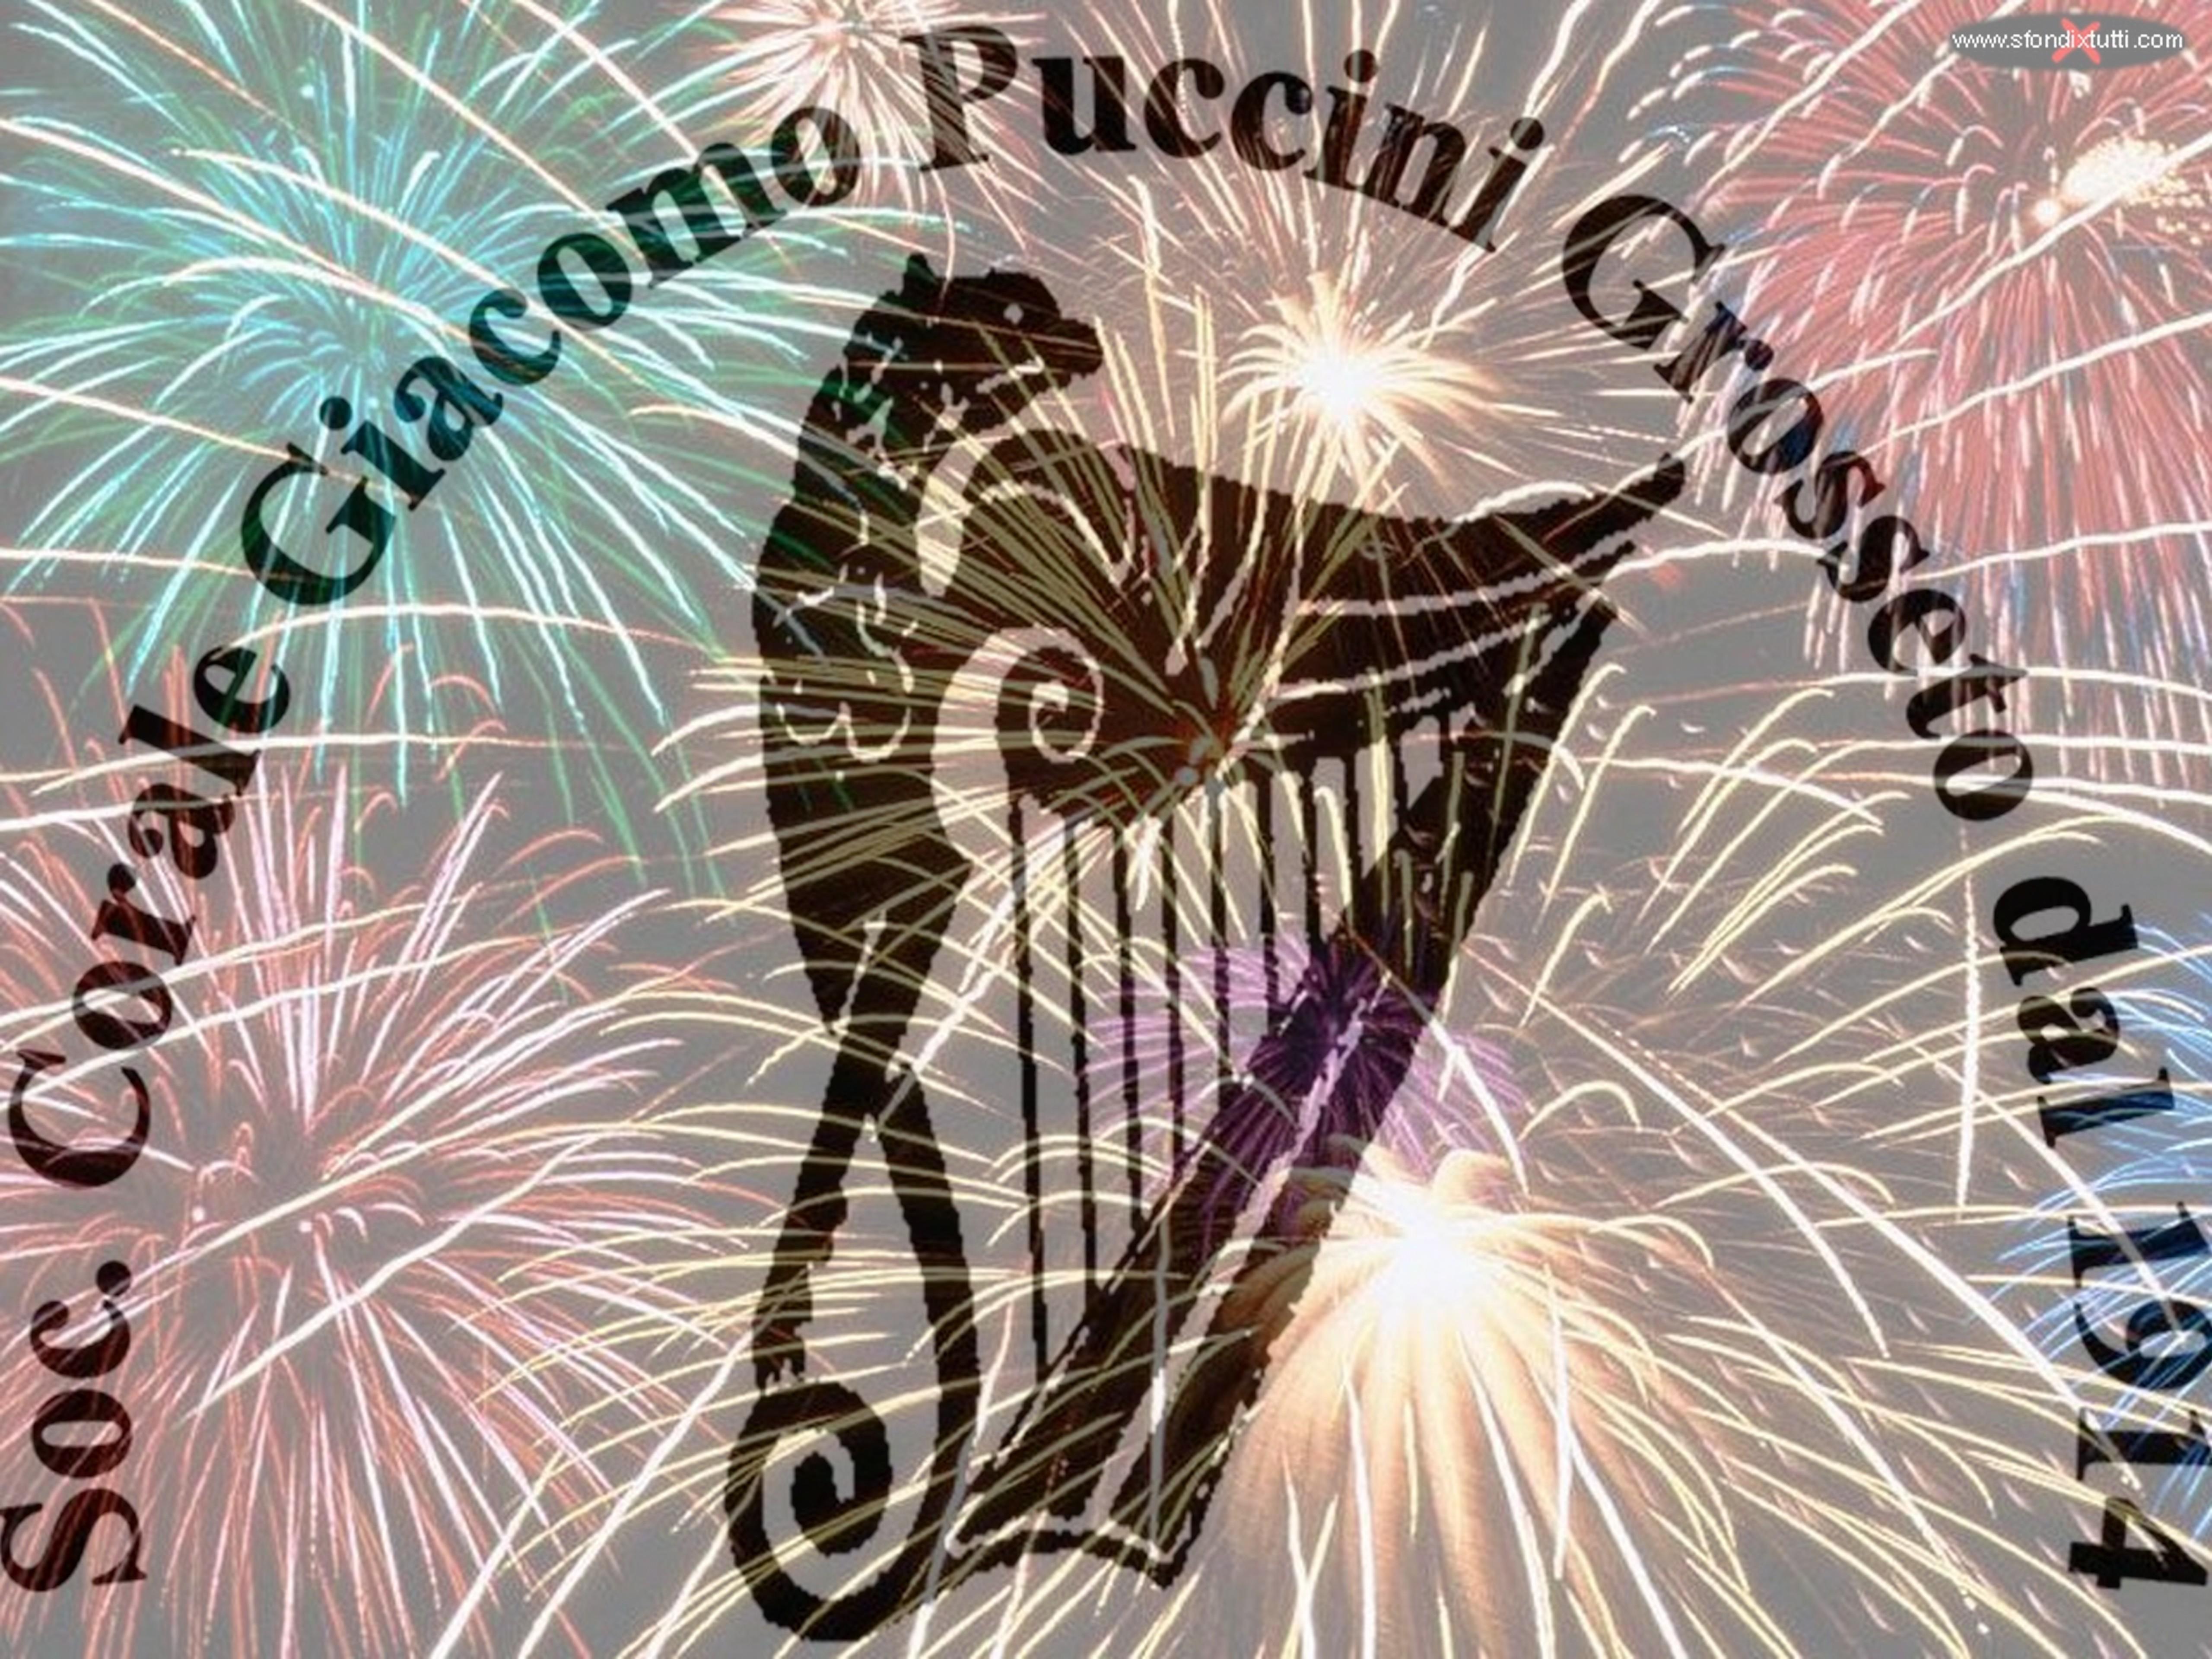 Buon Anno Nuovo!!!